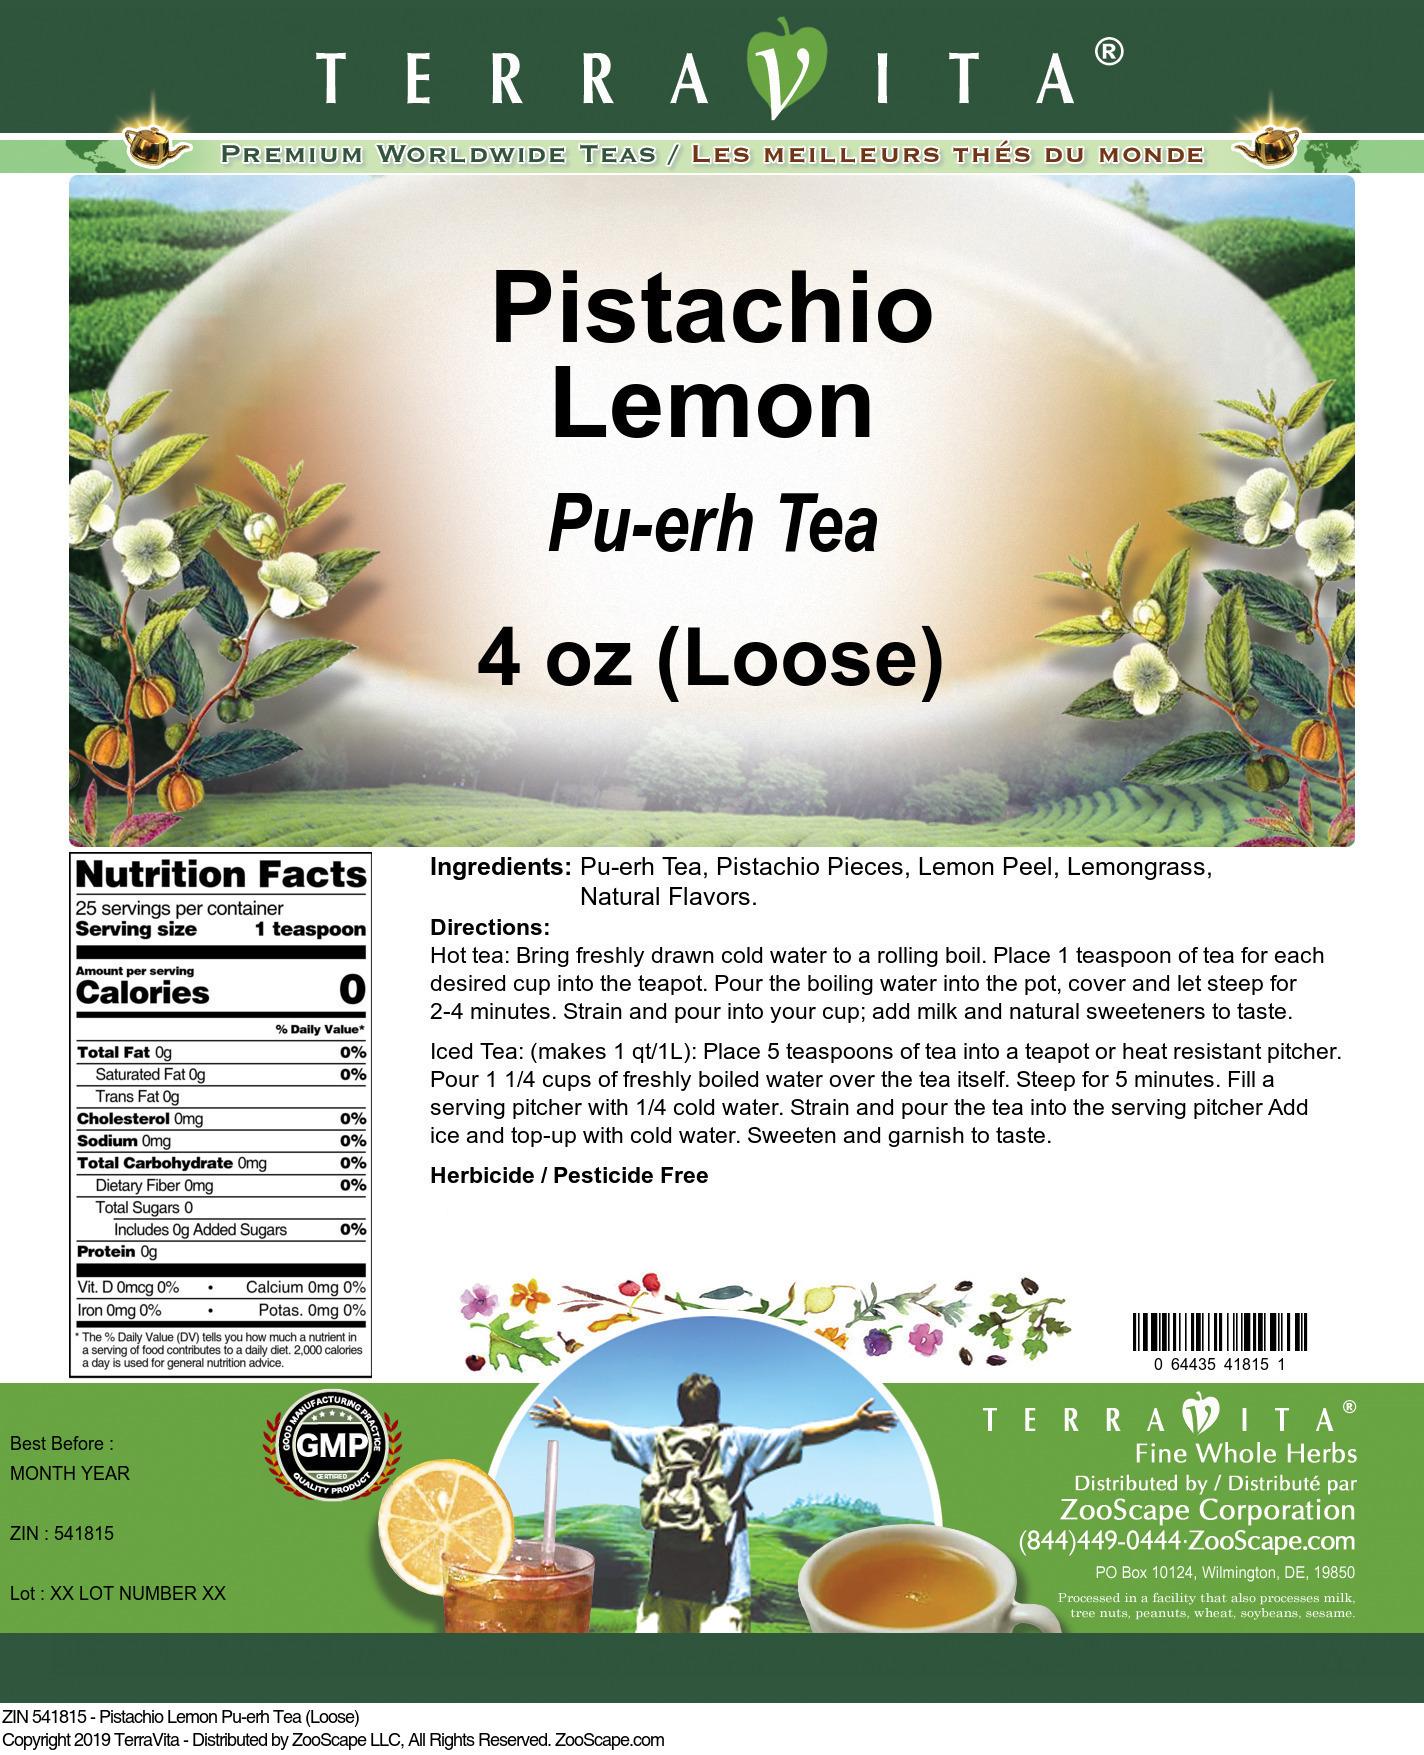 Pistachio Lemon Pu-erh Tea (Loose)